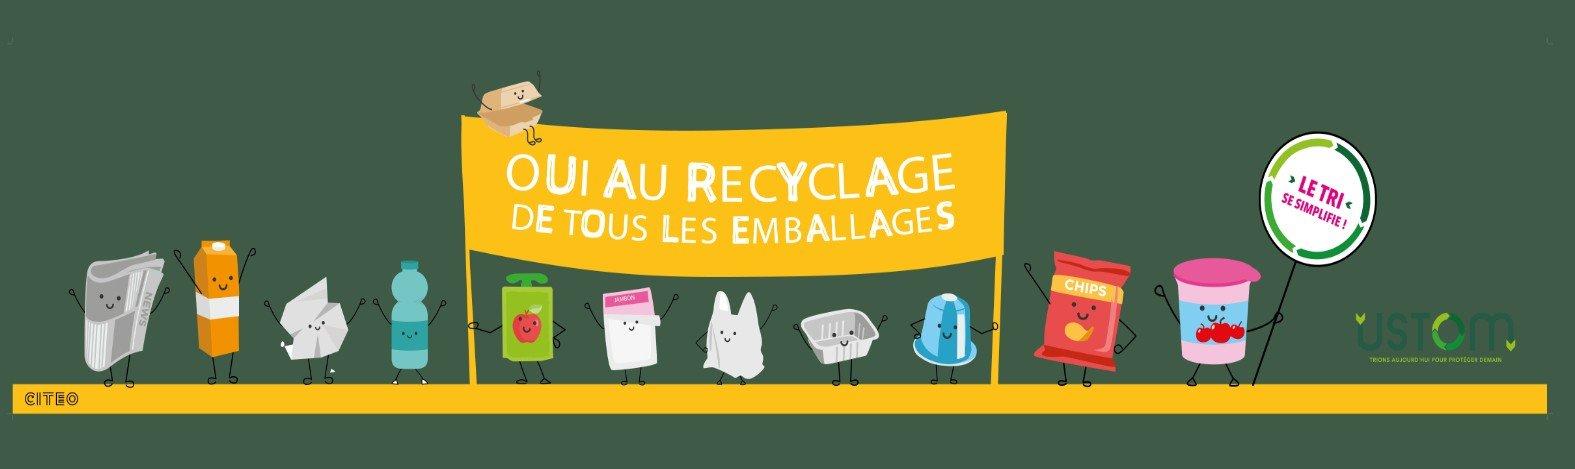 ustom recyclage